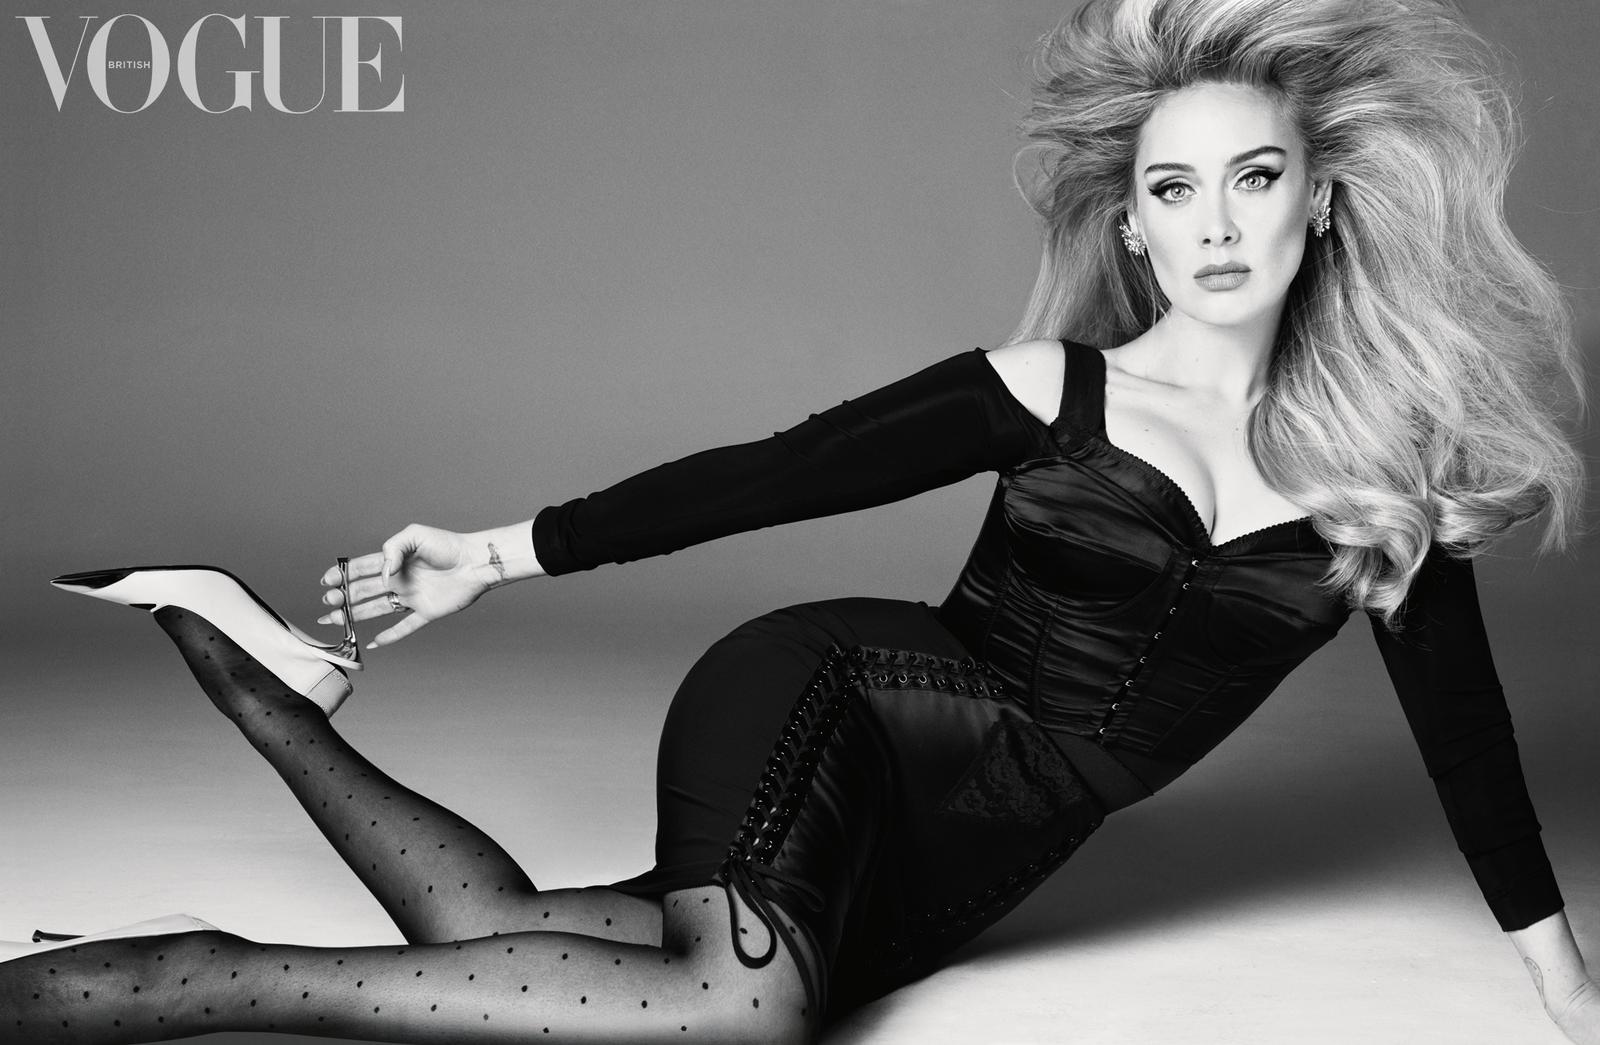 Adele mặc Dolce & Gabbana, đeo khuyên tai, nhẫn vàng, kim cương của David Yurman trong bộ hình của Vogue. Ảnh: Vogue